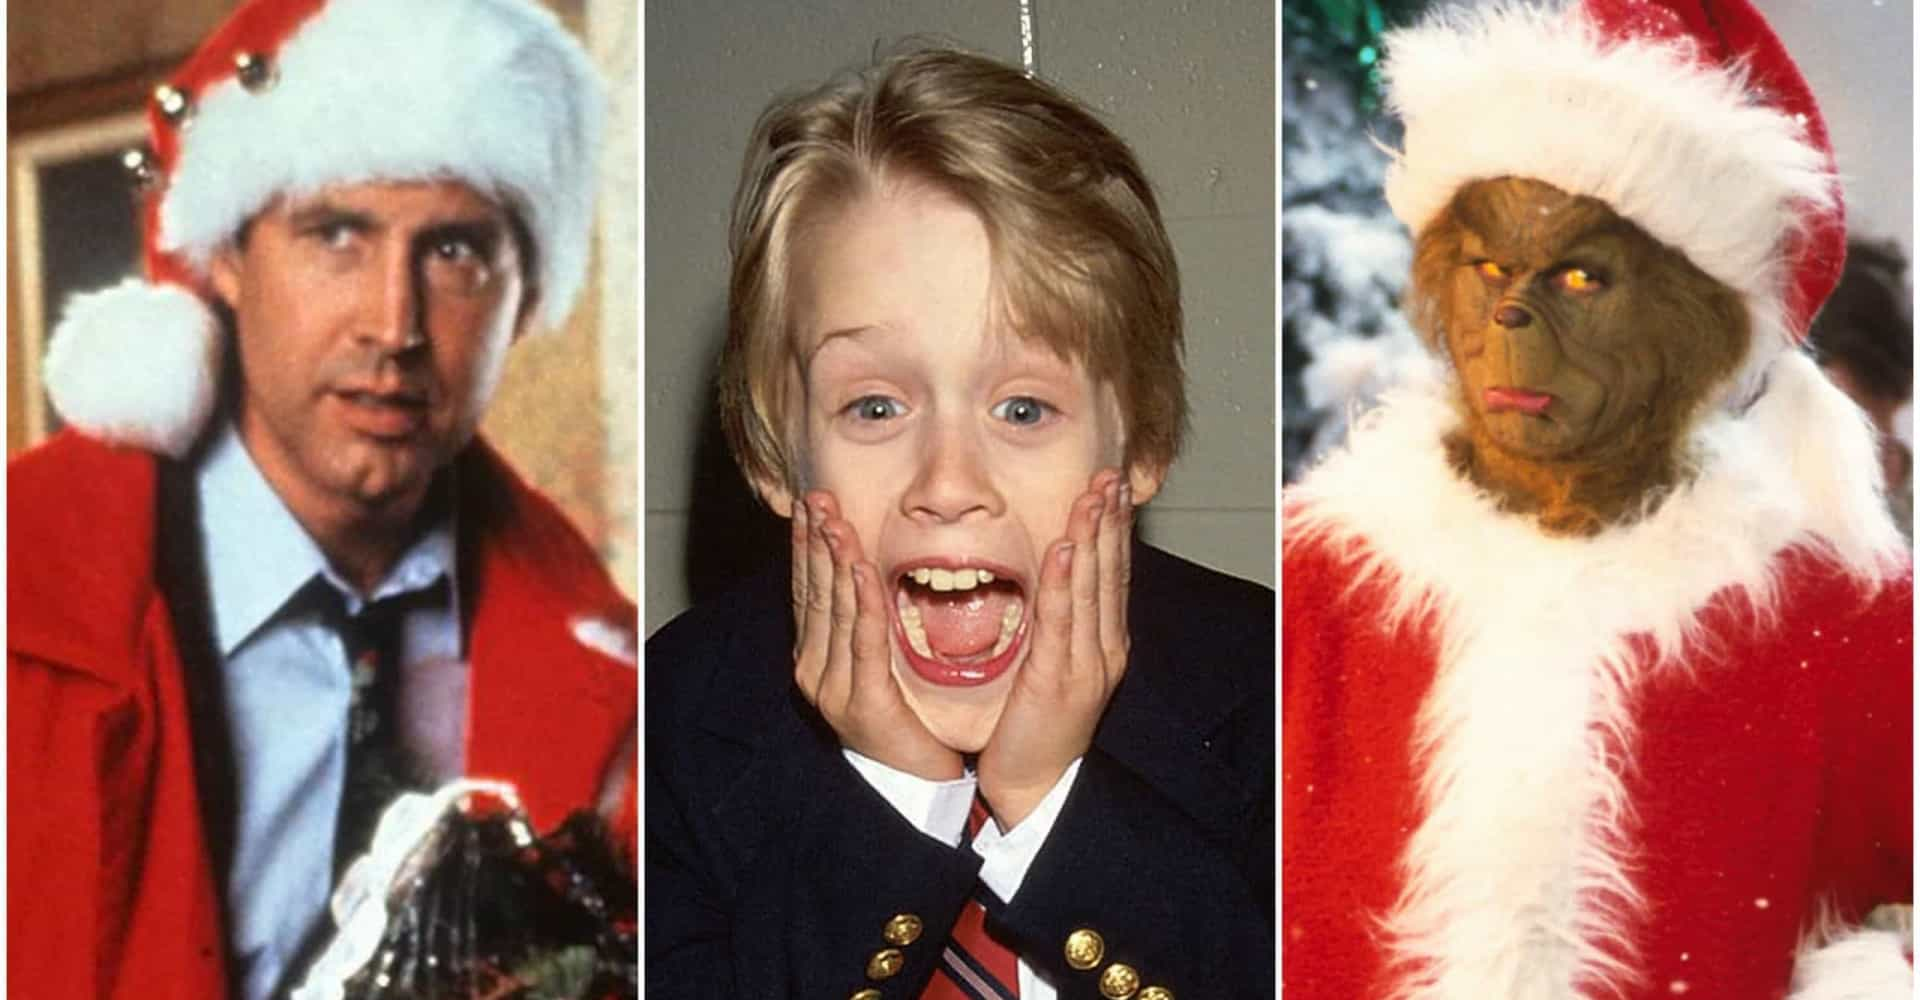 28 películas para disfrutar la Navidad sin repetir